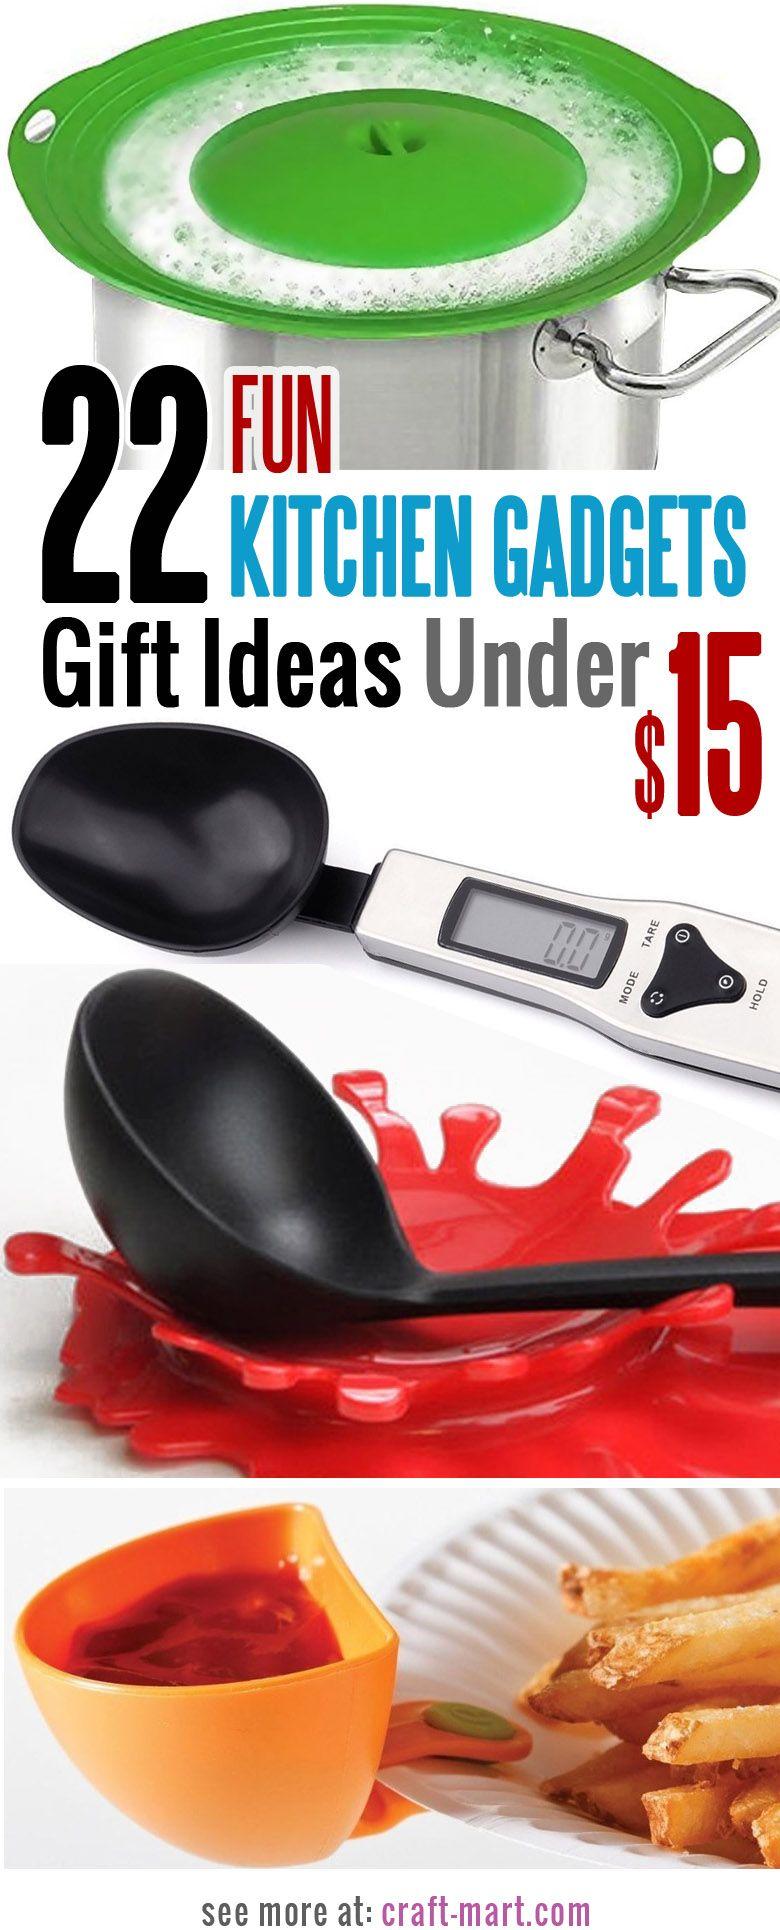 22 Fun Kitchen Gadgets Gift Ideas Under 15 Kitchen Gadgets Gifts Cool Kitchen Gadgets Cool Kitchens